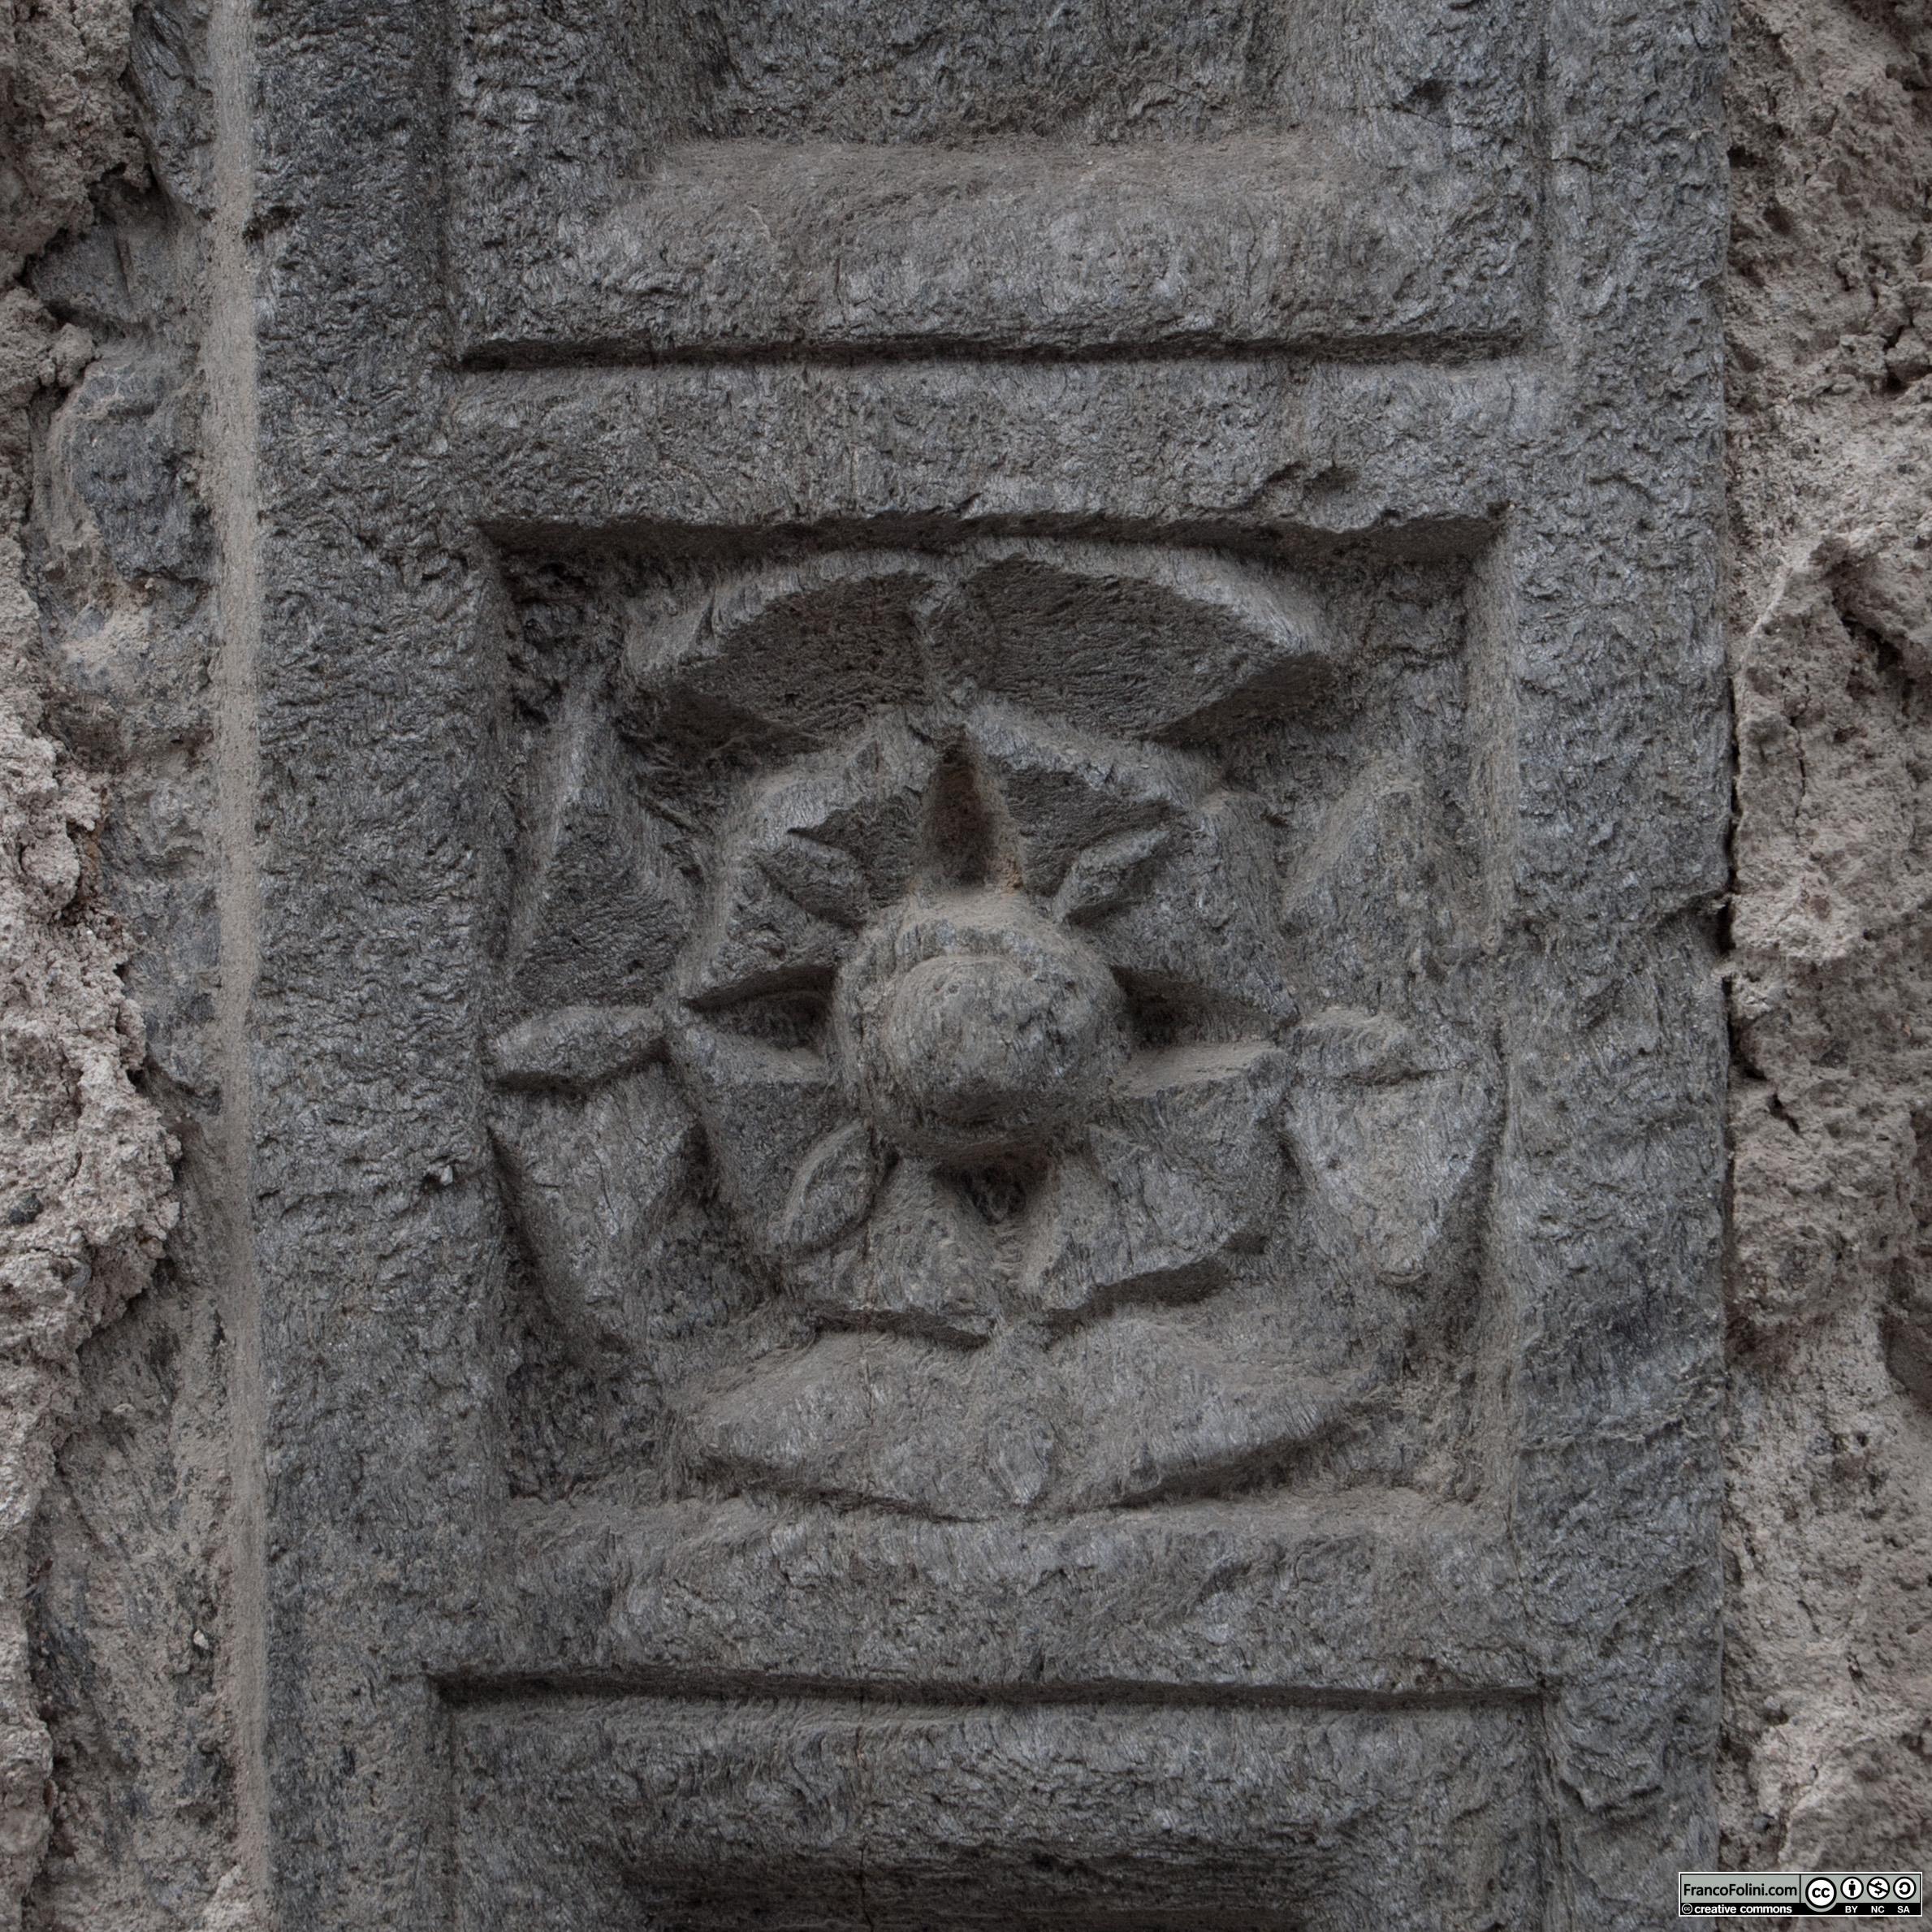 Angoli nascosti di Chiuro: Angoli nascosti di Chiuro. Decorazione di una finestra rinascimentale.